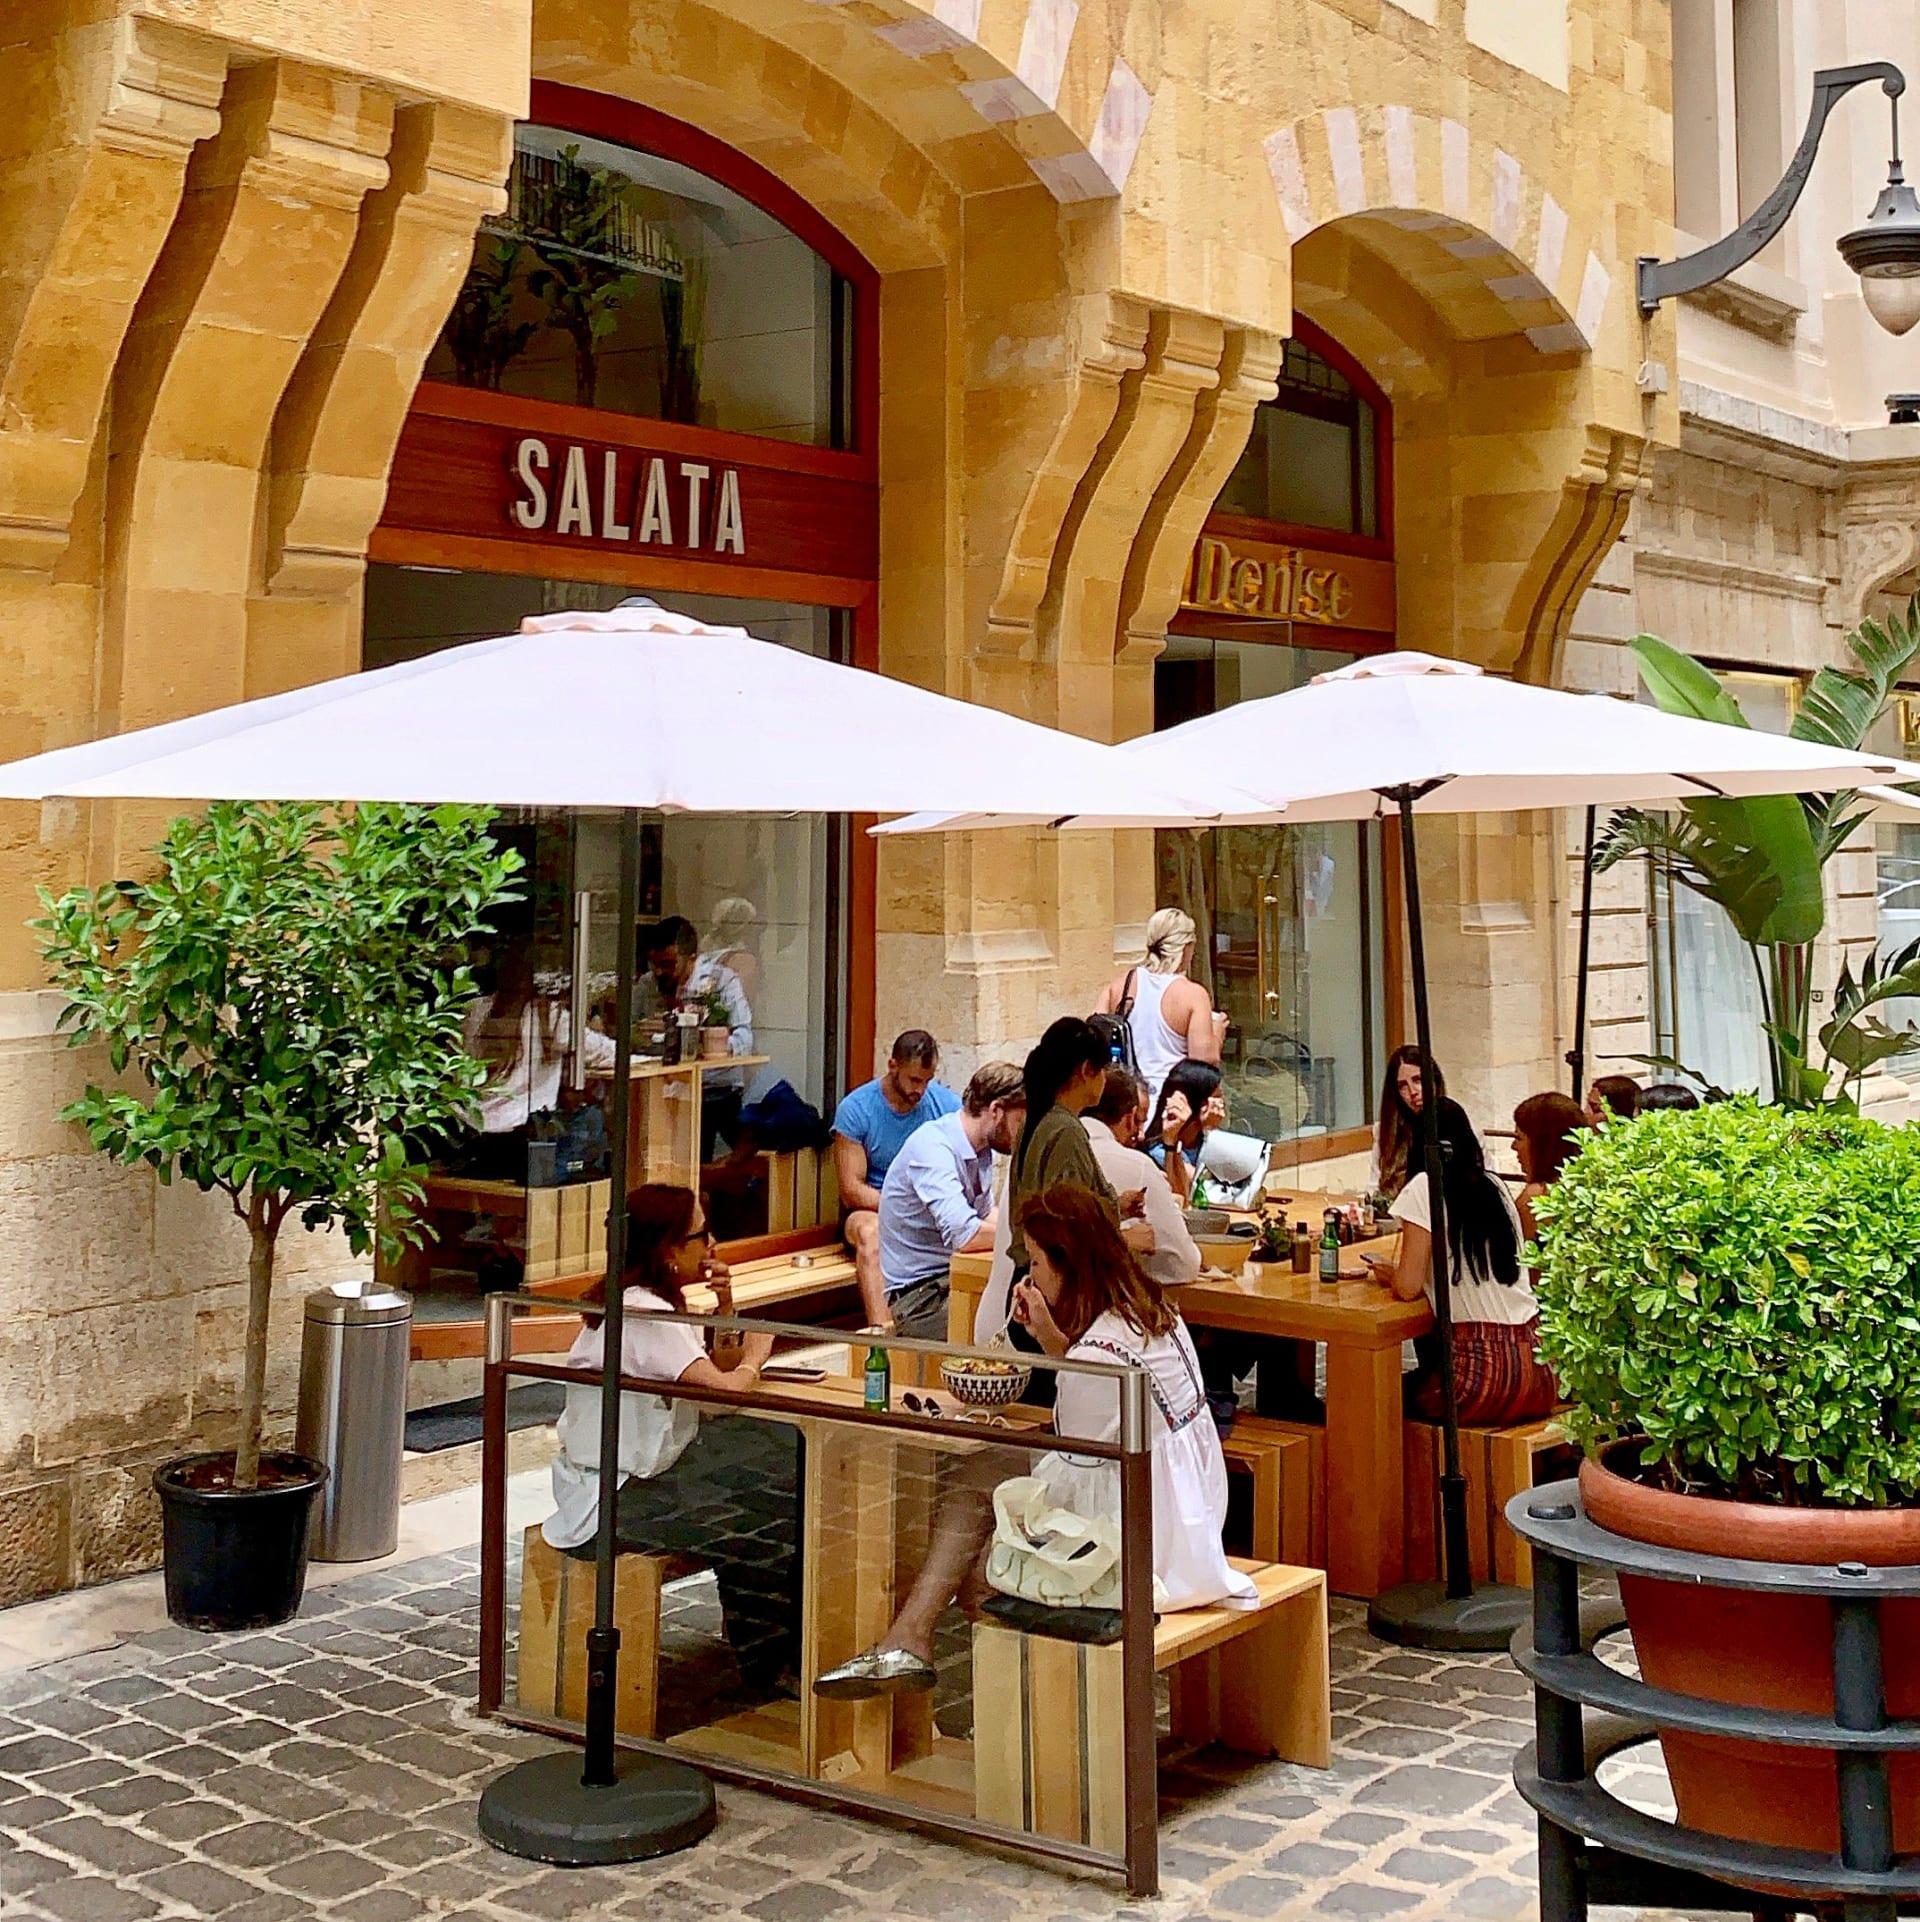 مطعم SALATA في الوسط التجاري في بيروت